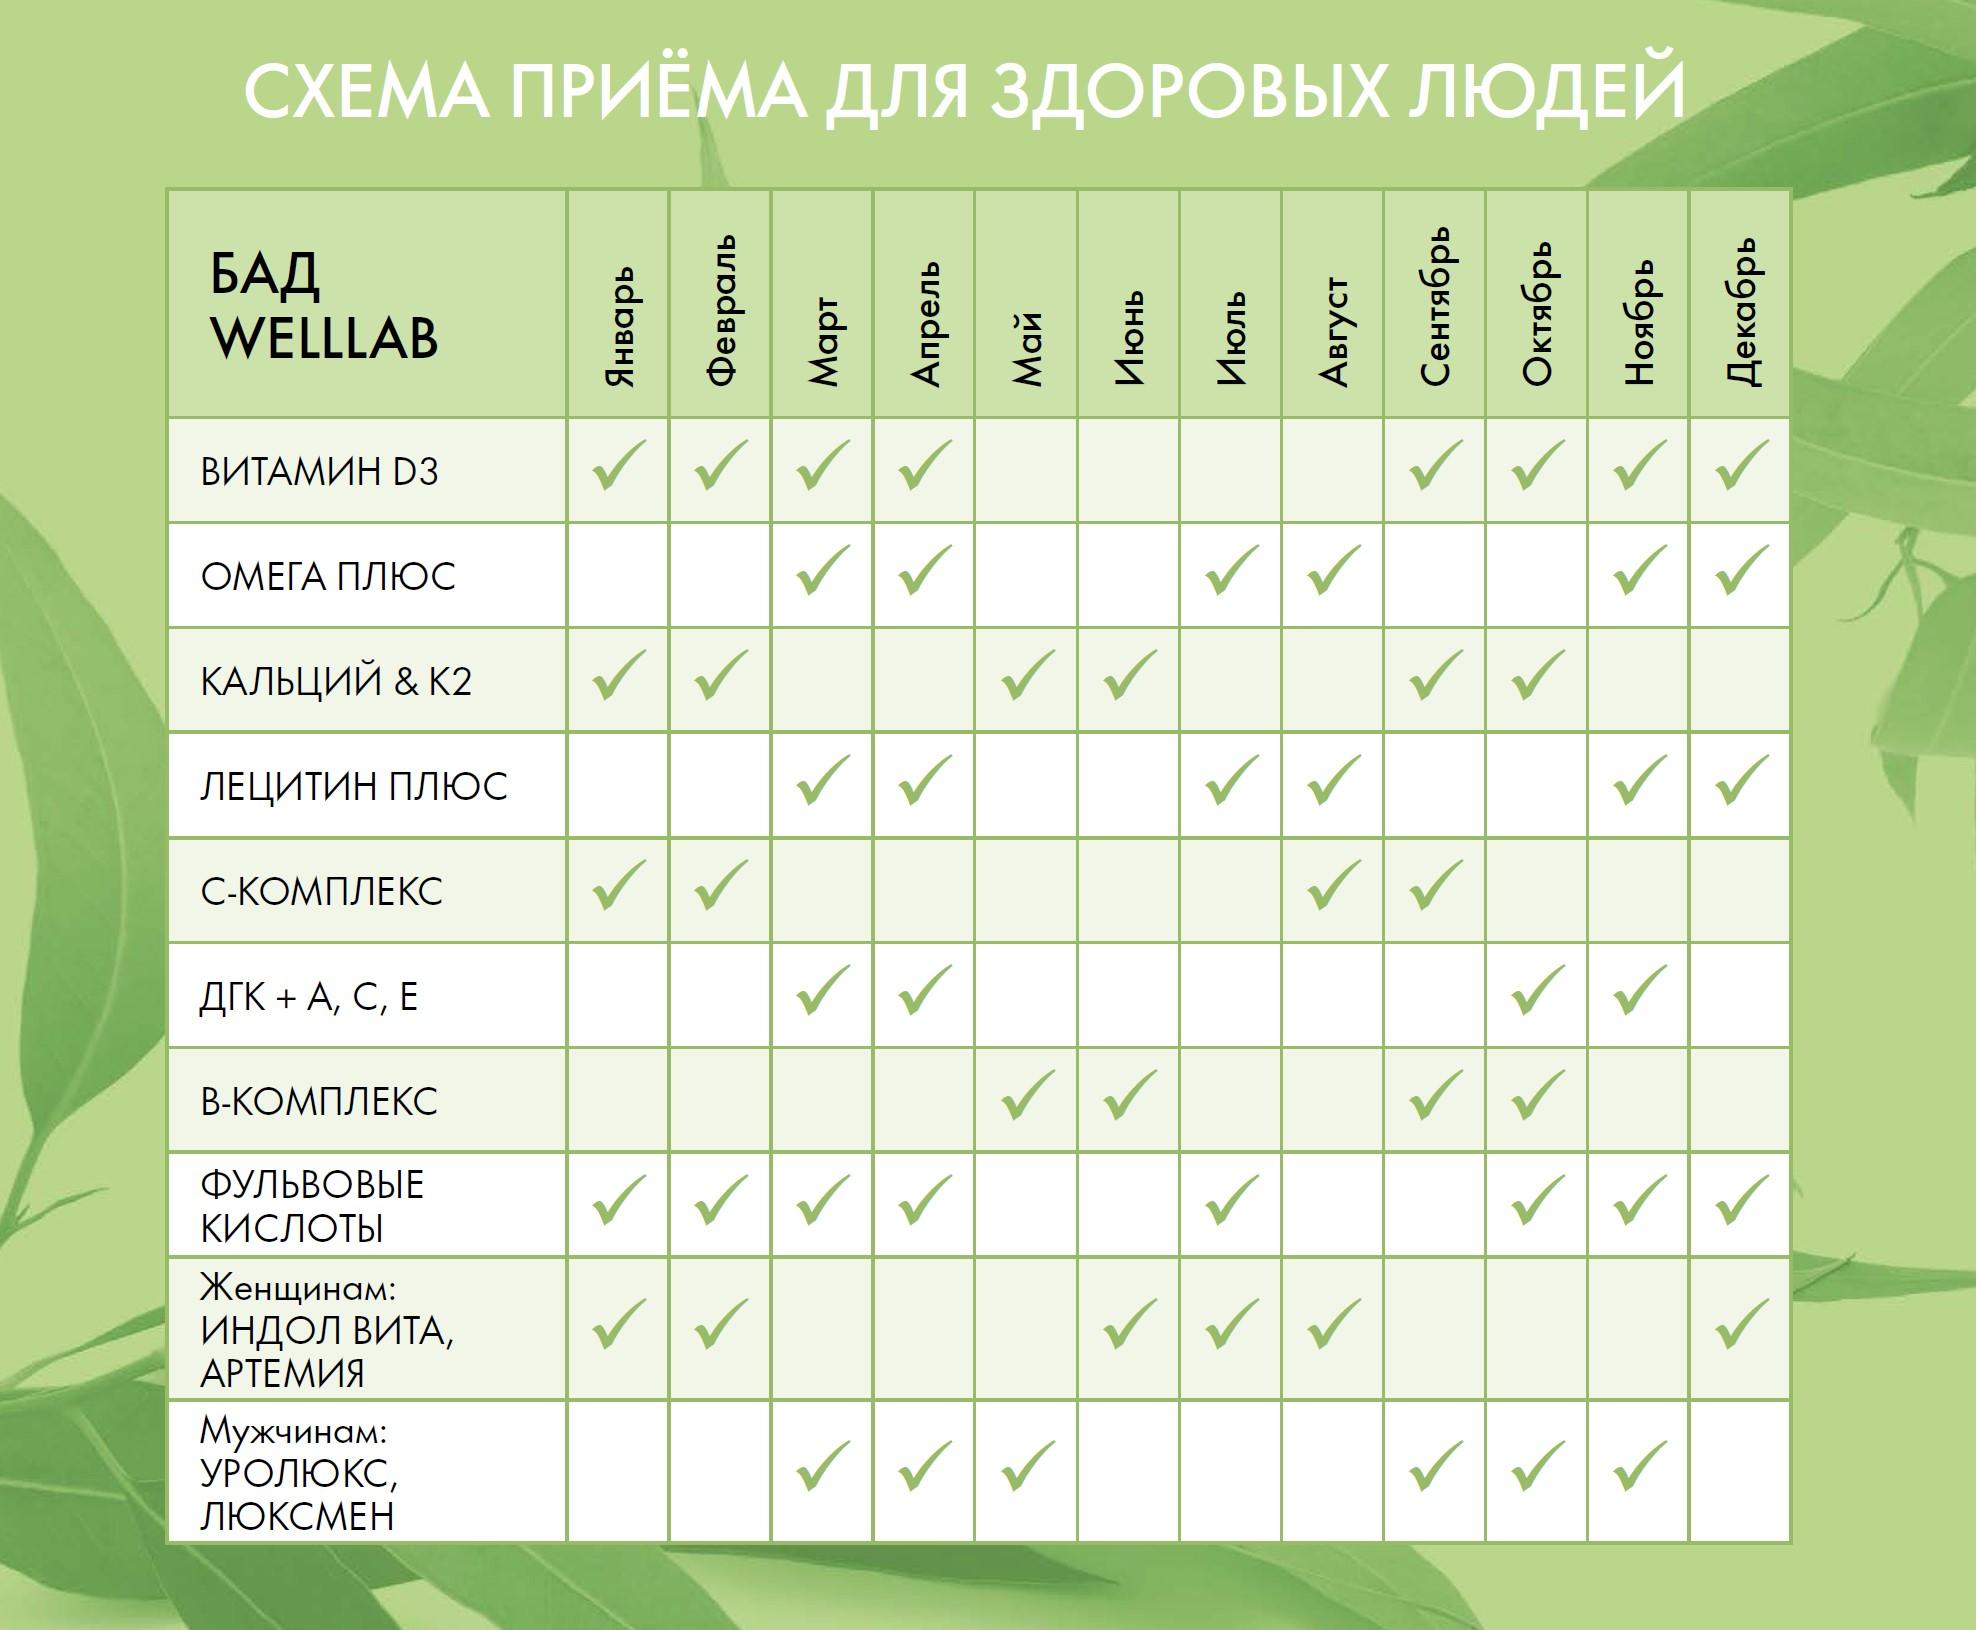 схема приема веллаб для здоровых людей